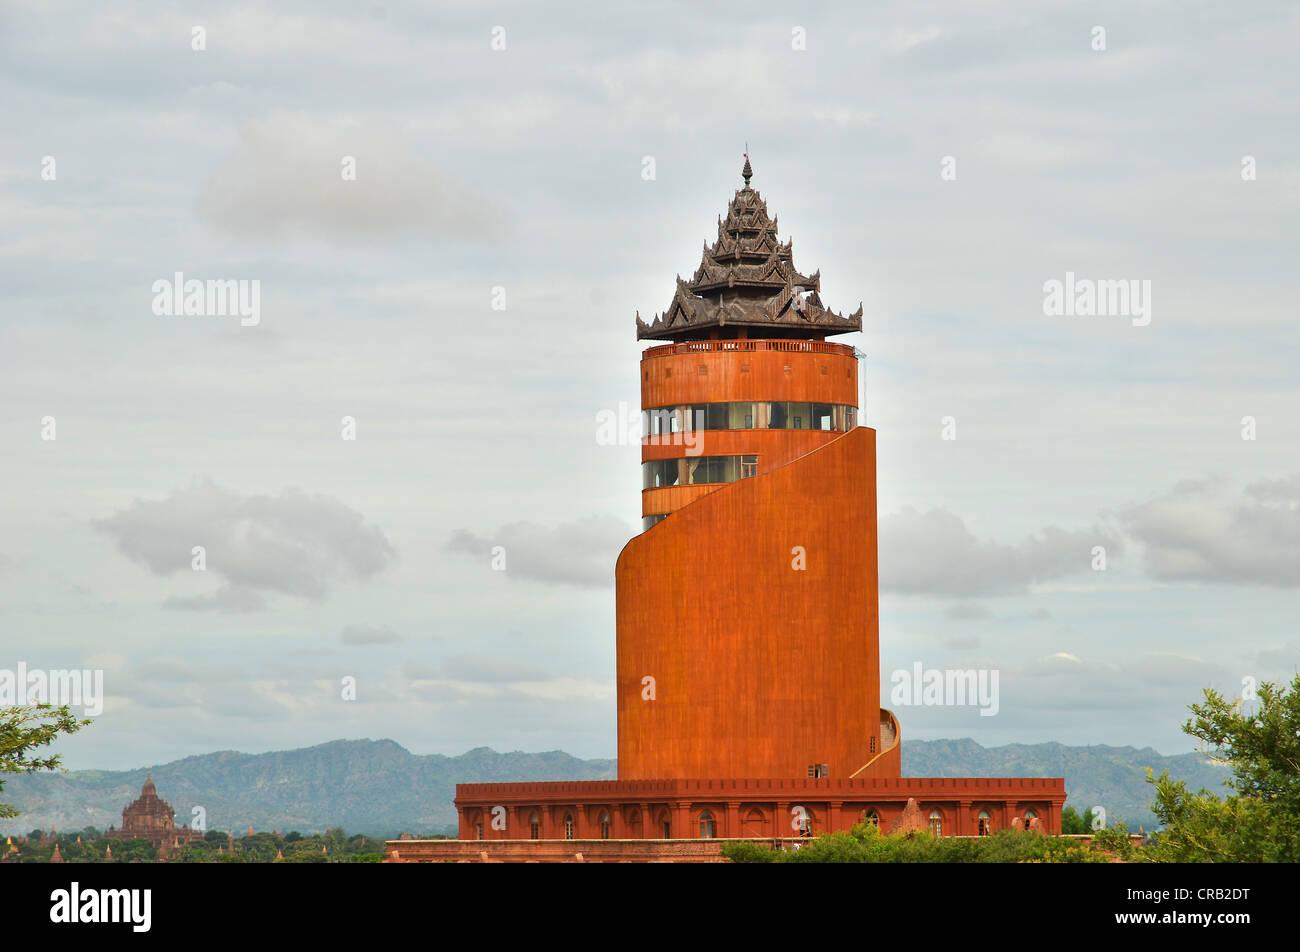 Neue moderne Aussichtsturm der Militärregierung aus Beton in einer Pagode Stil, Bagan, Myanmar, Burma gebaut Stockfoto